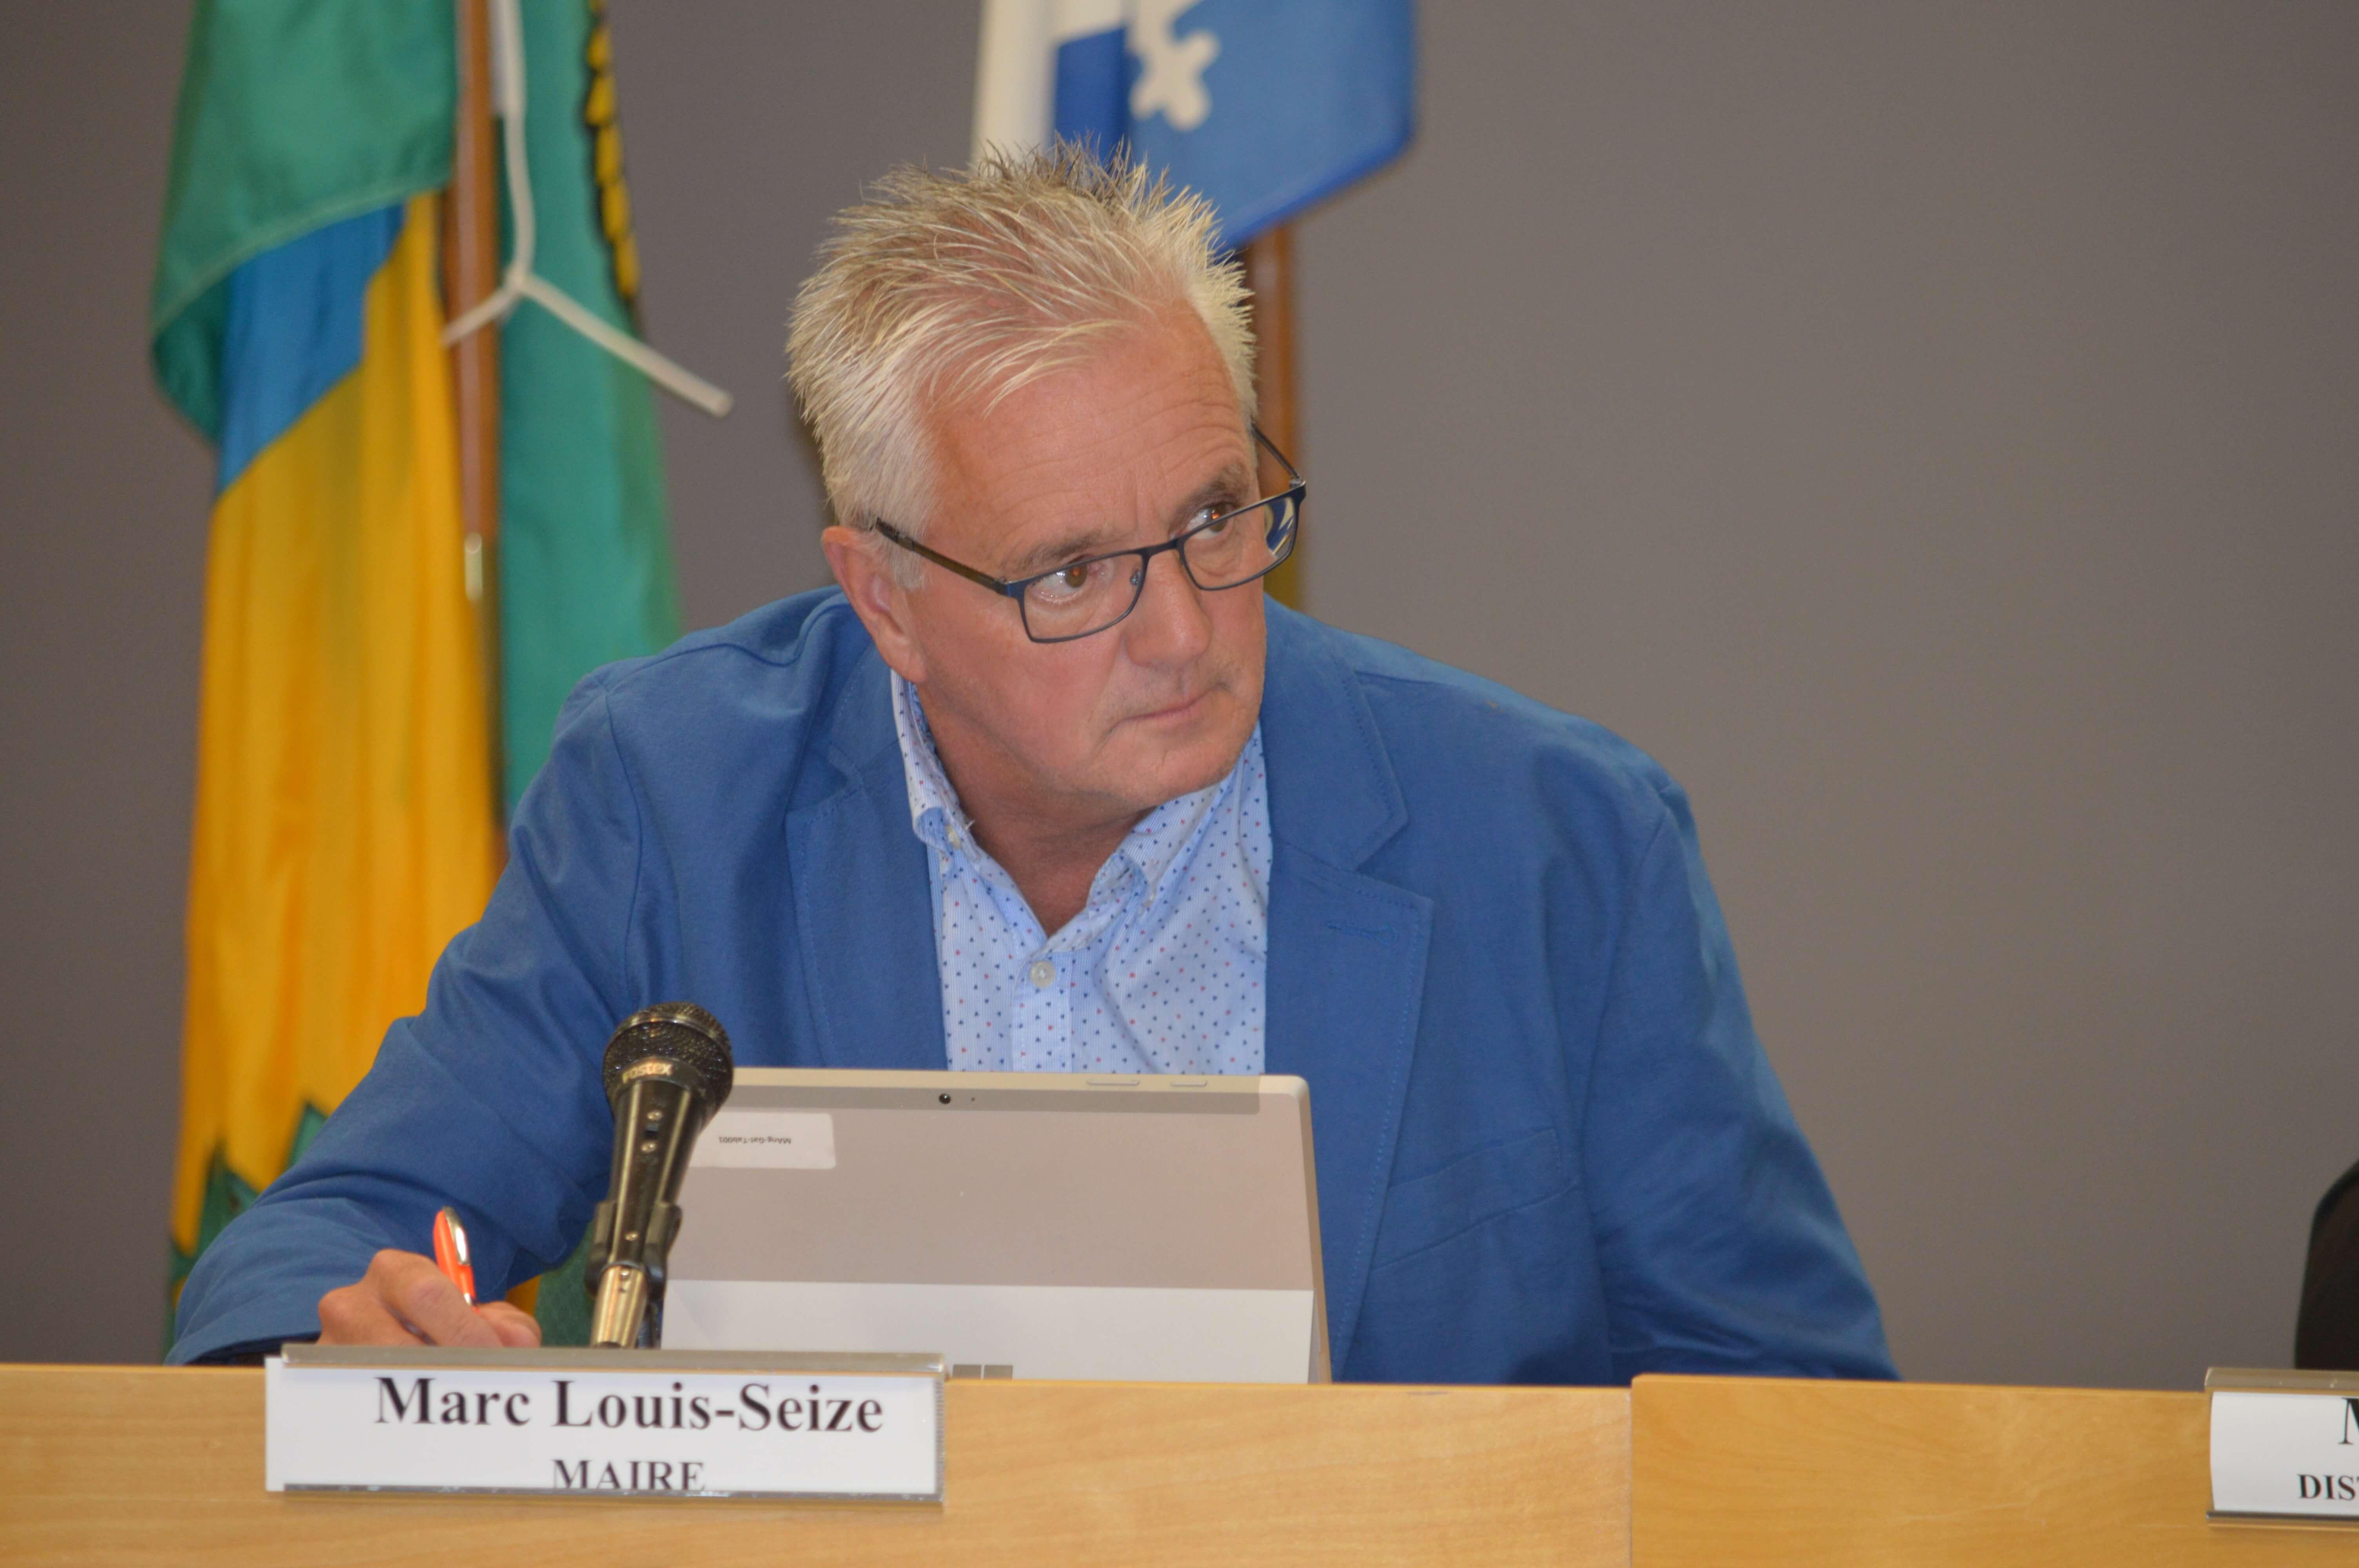 Marc Louis-Seize